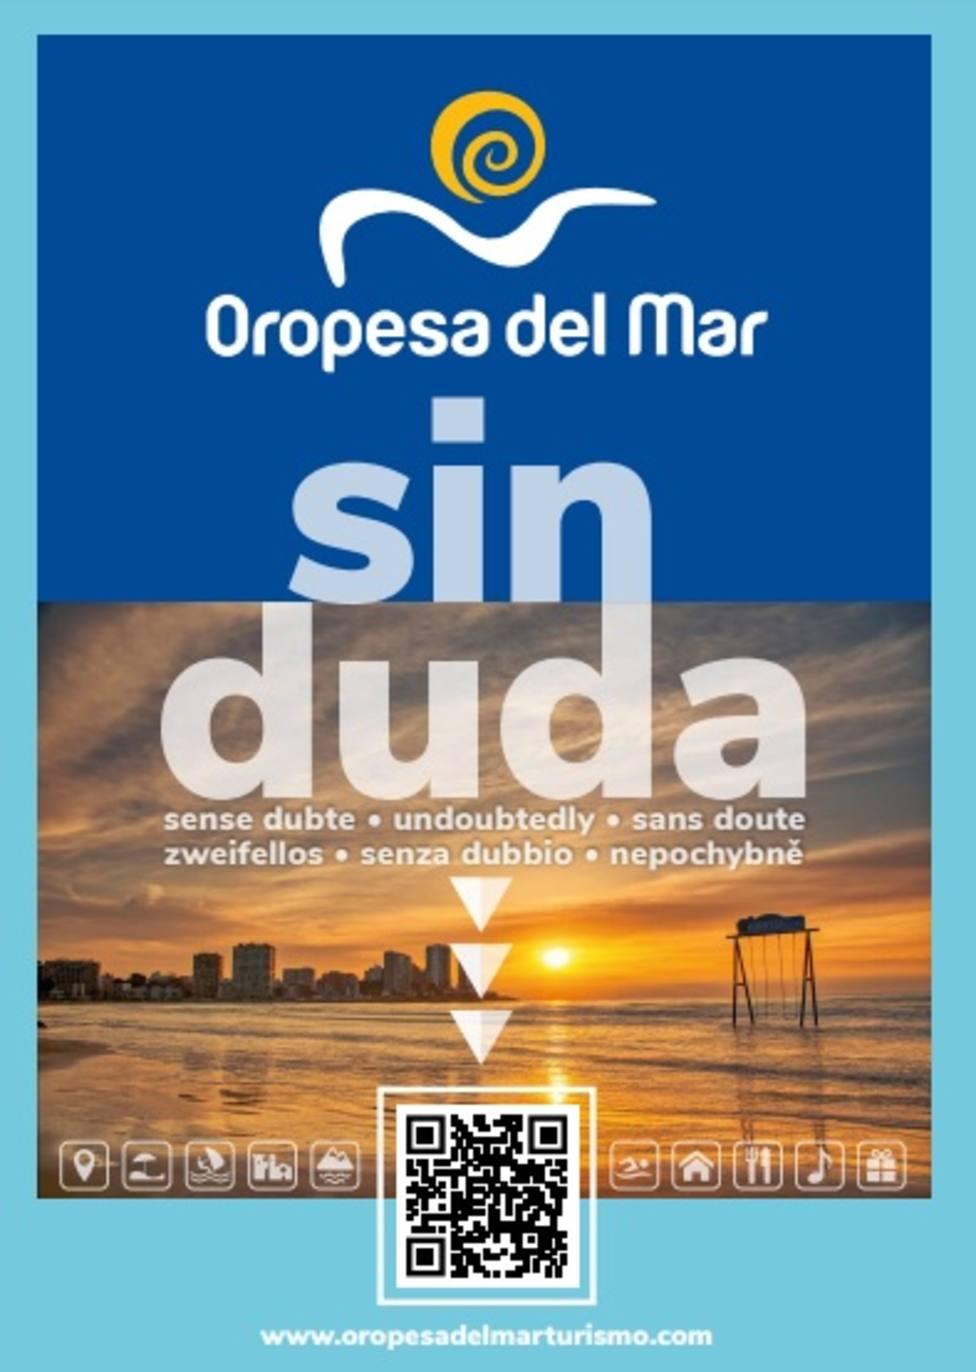 ctv-edc-campaa-oropesa-del-mar-sin-duda